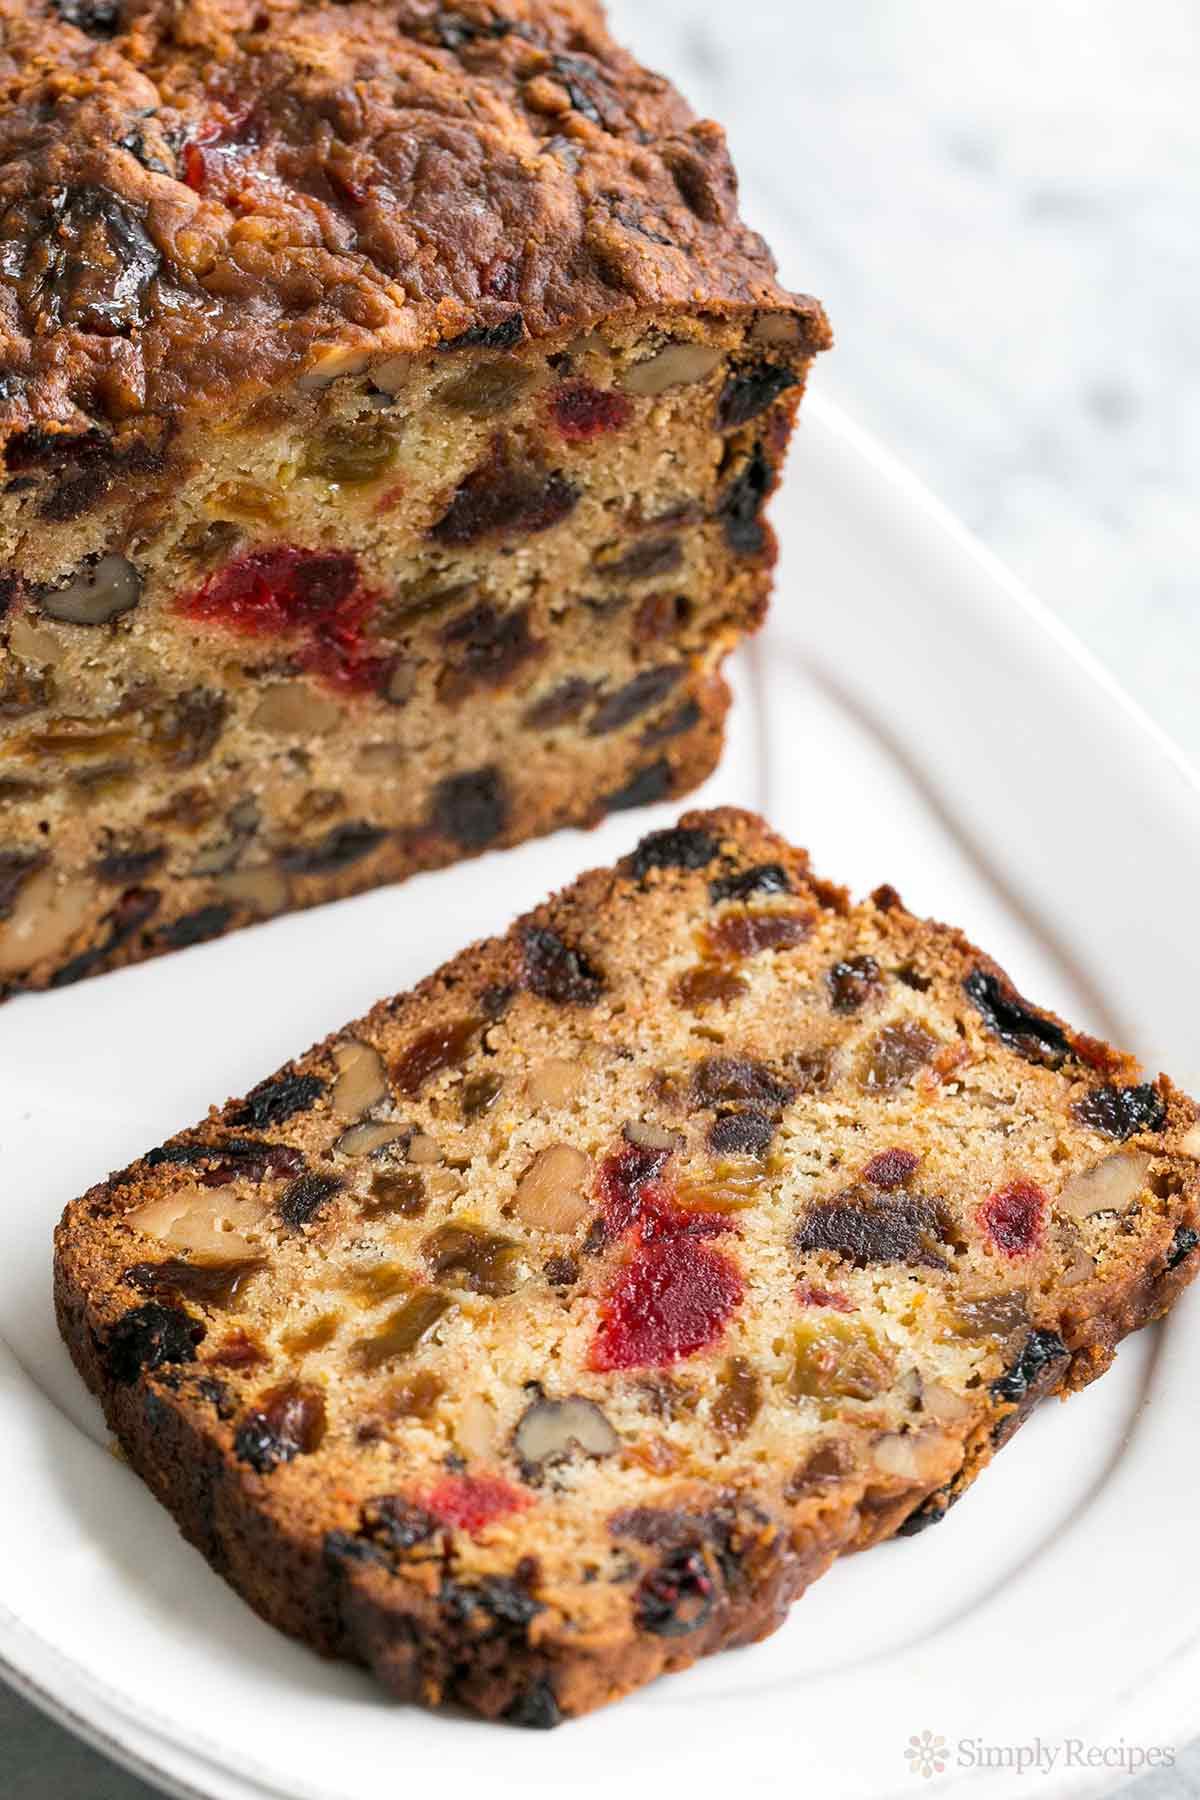 Best Fruitcake Recipe  16 Best Christmas Fruit Cake Recipes How to Make Holiday